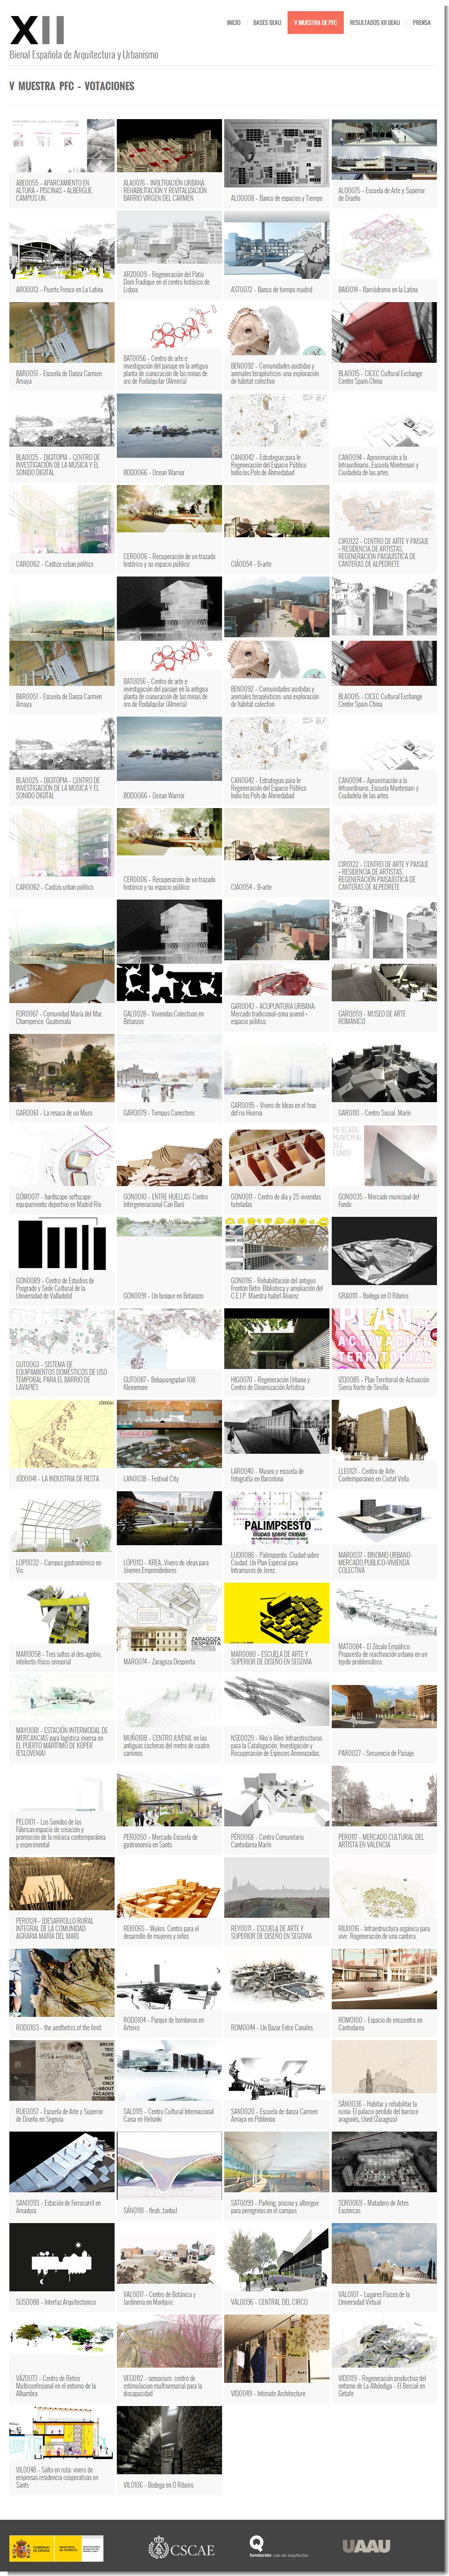 Proyectos Presentados - XII Bienal Española de Arquitectura y Urbanismo